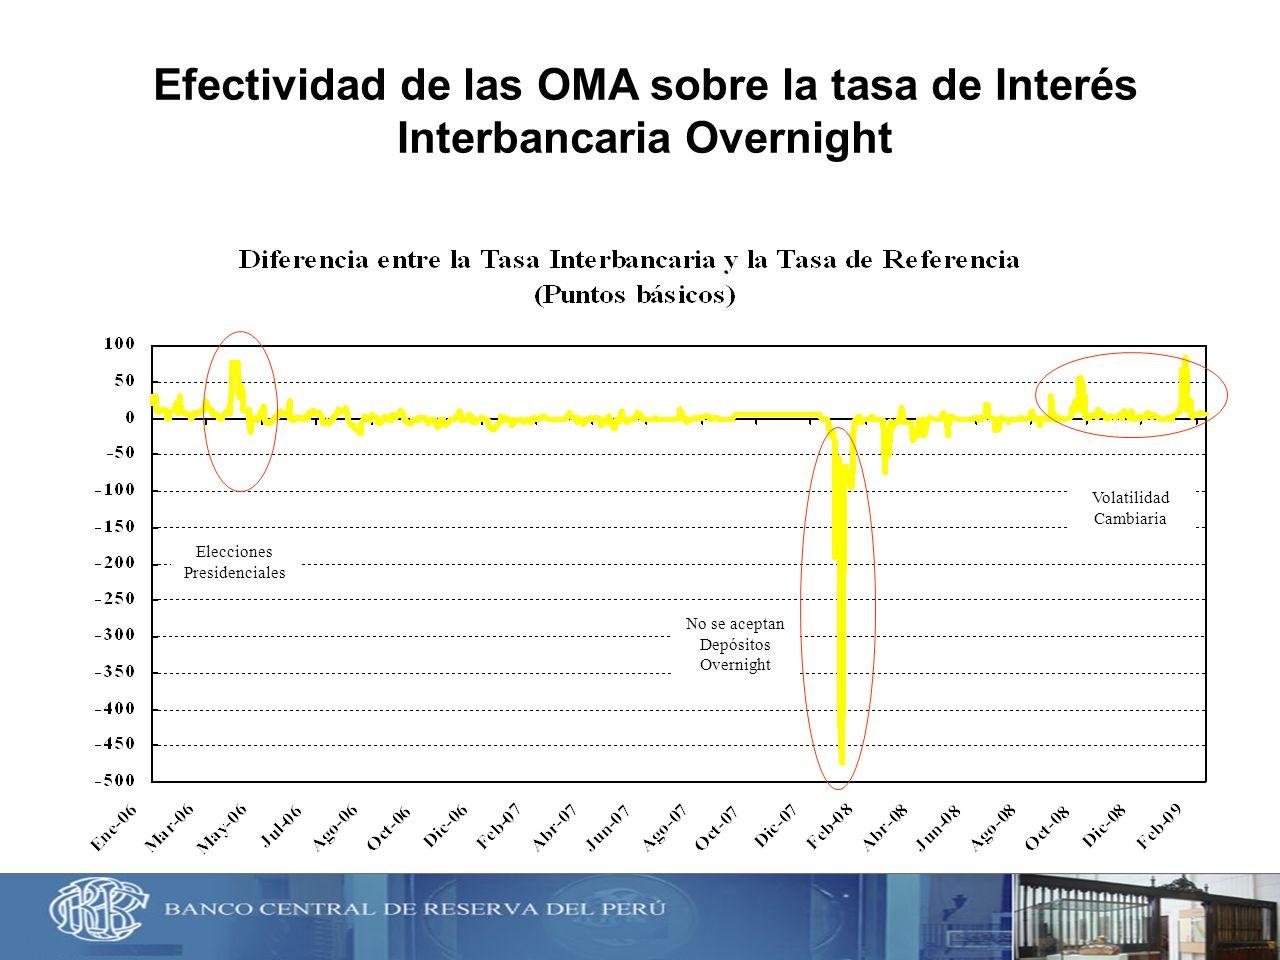 Efectividad de las OMA sobre la tasa de Interés Interbancaria Overnight